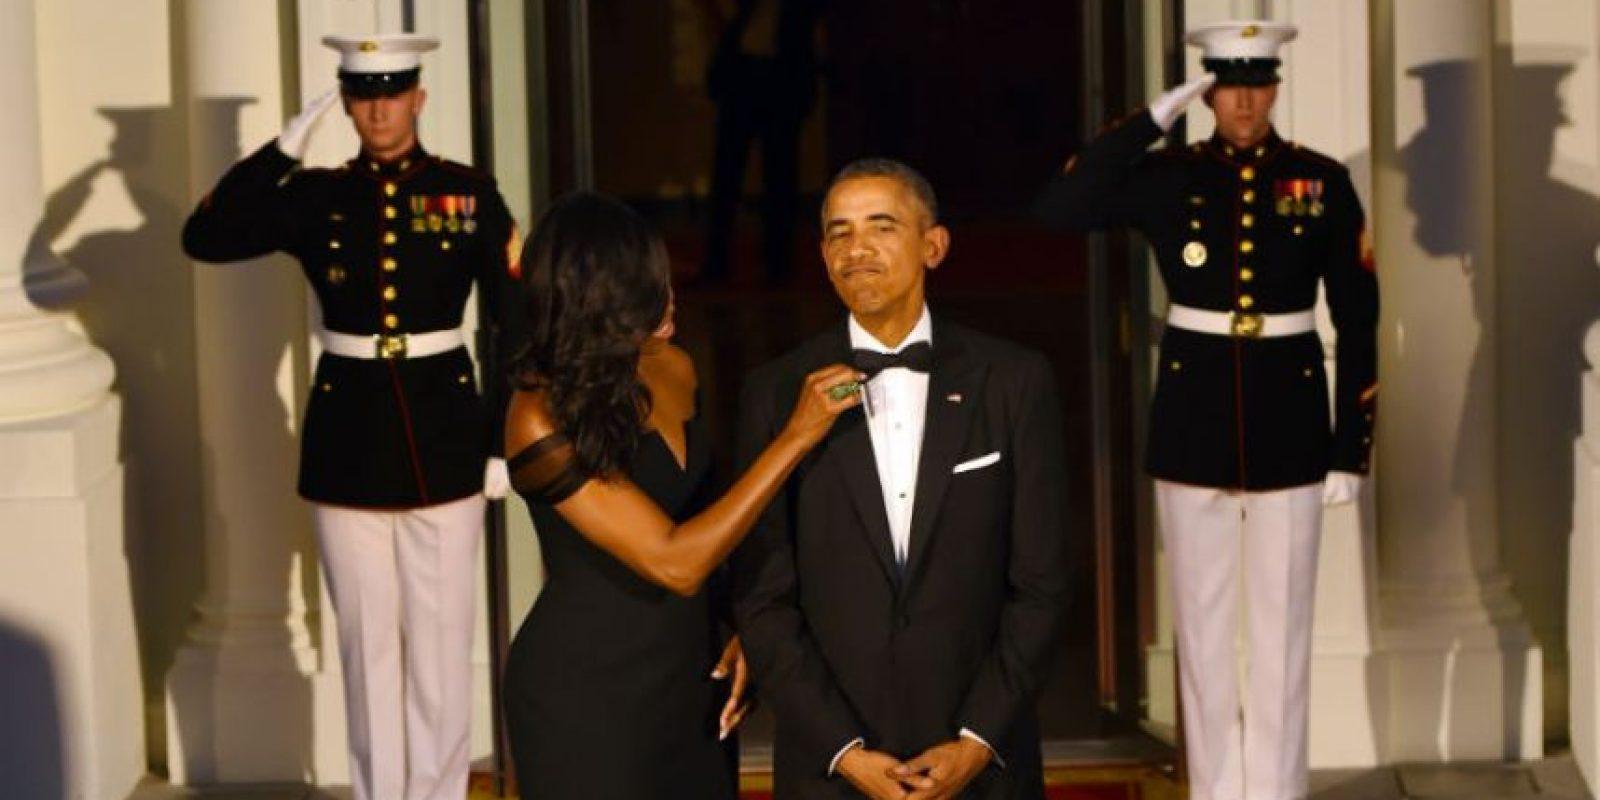 Parecía que ambos se preparaban para ir al baile de graduación. Foto:AFP